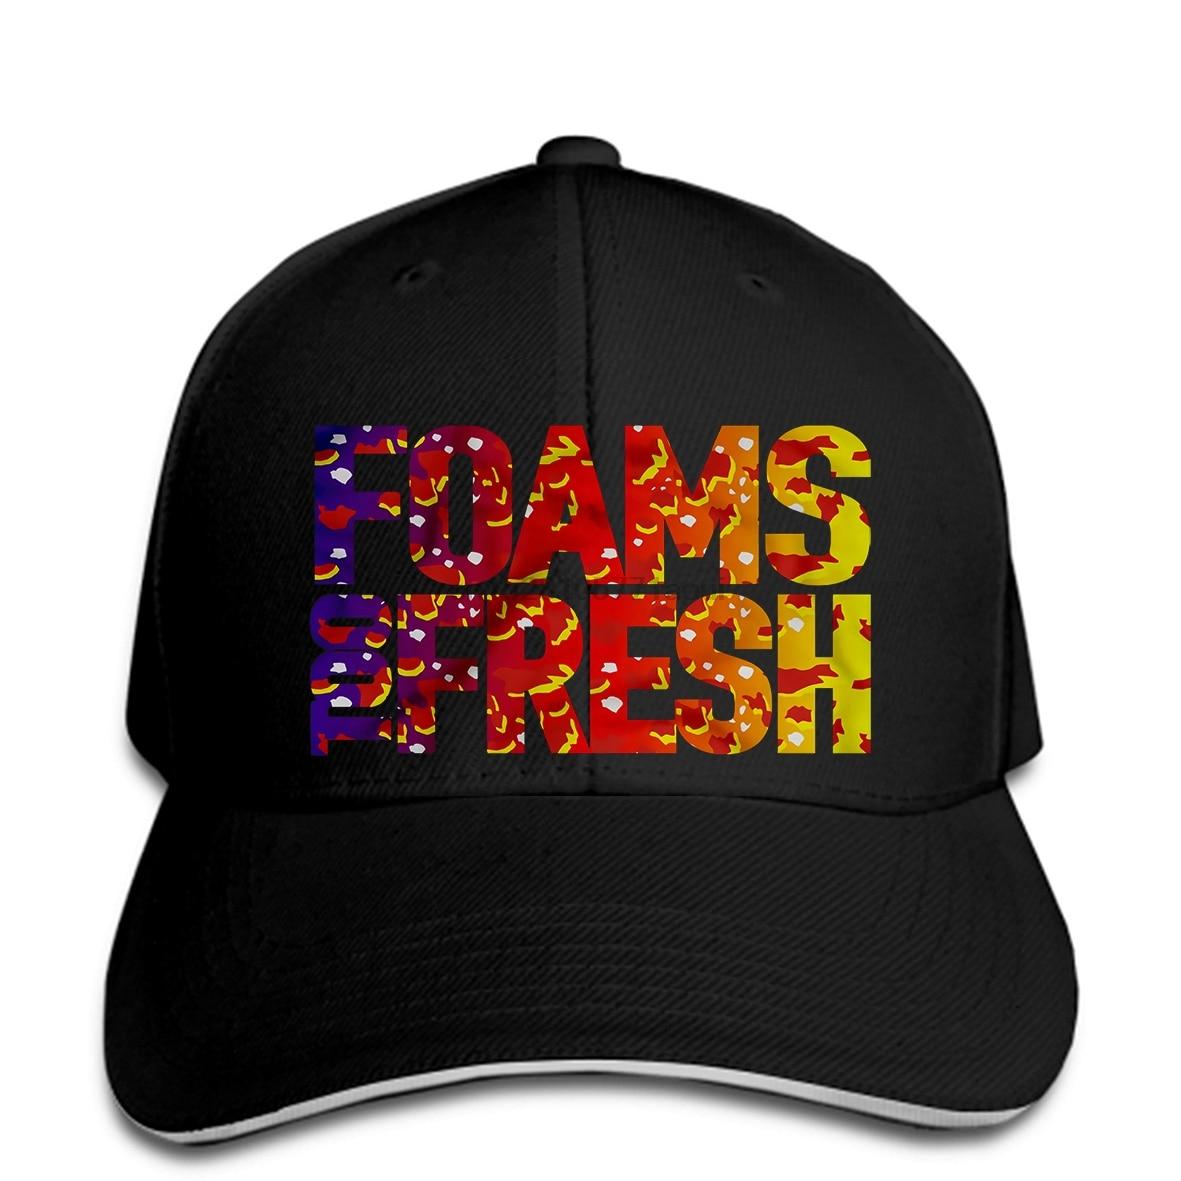 Boné de beisebol espumas muito fresco inspirado ar foamposite pro asteróide impressão chapéu